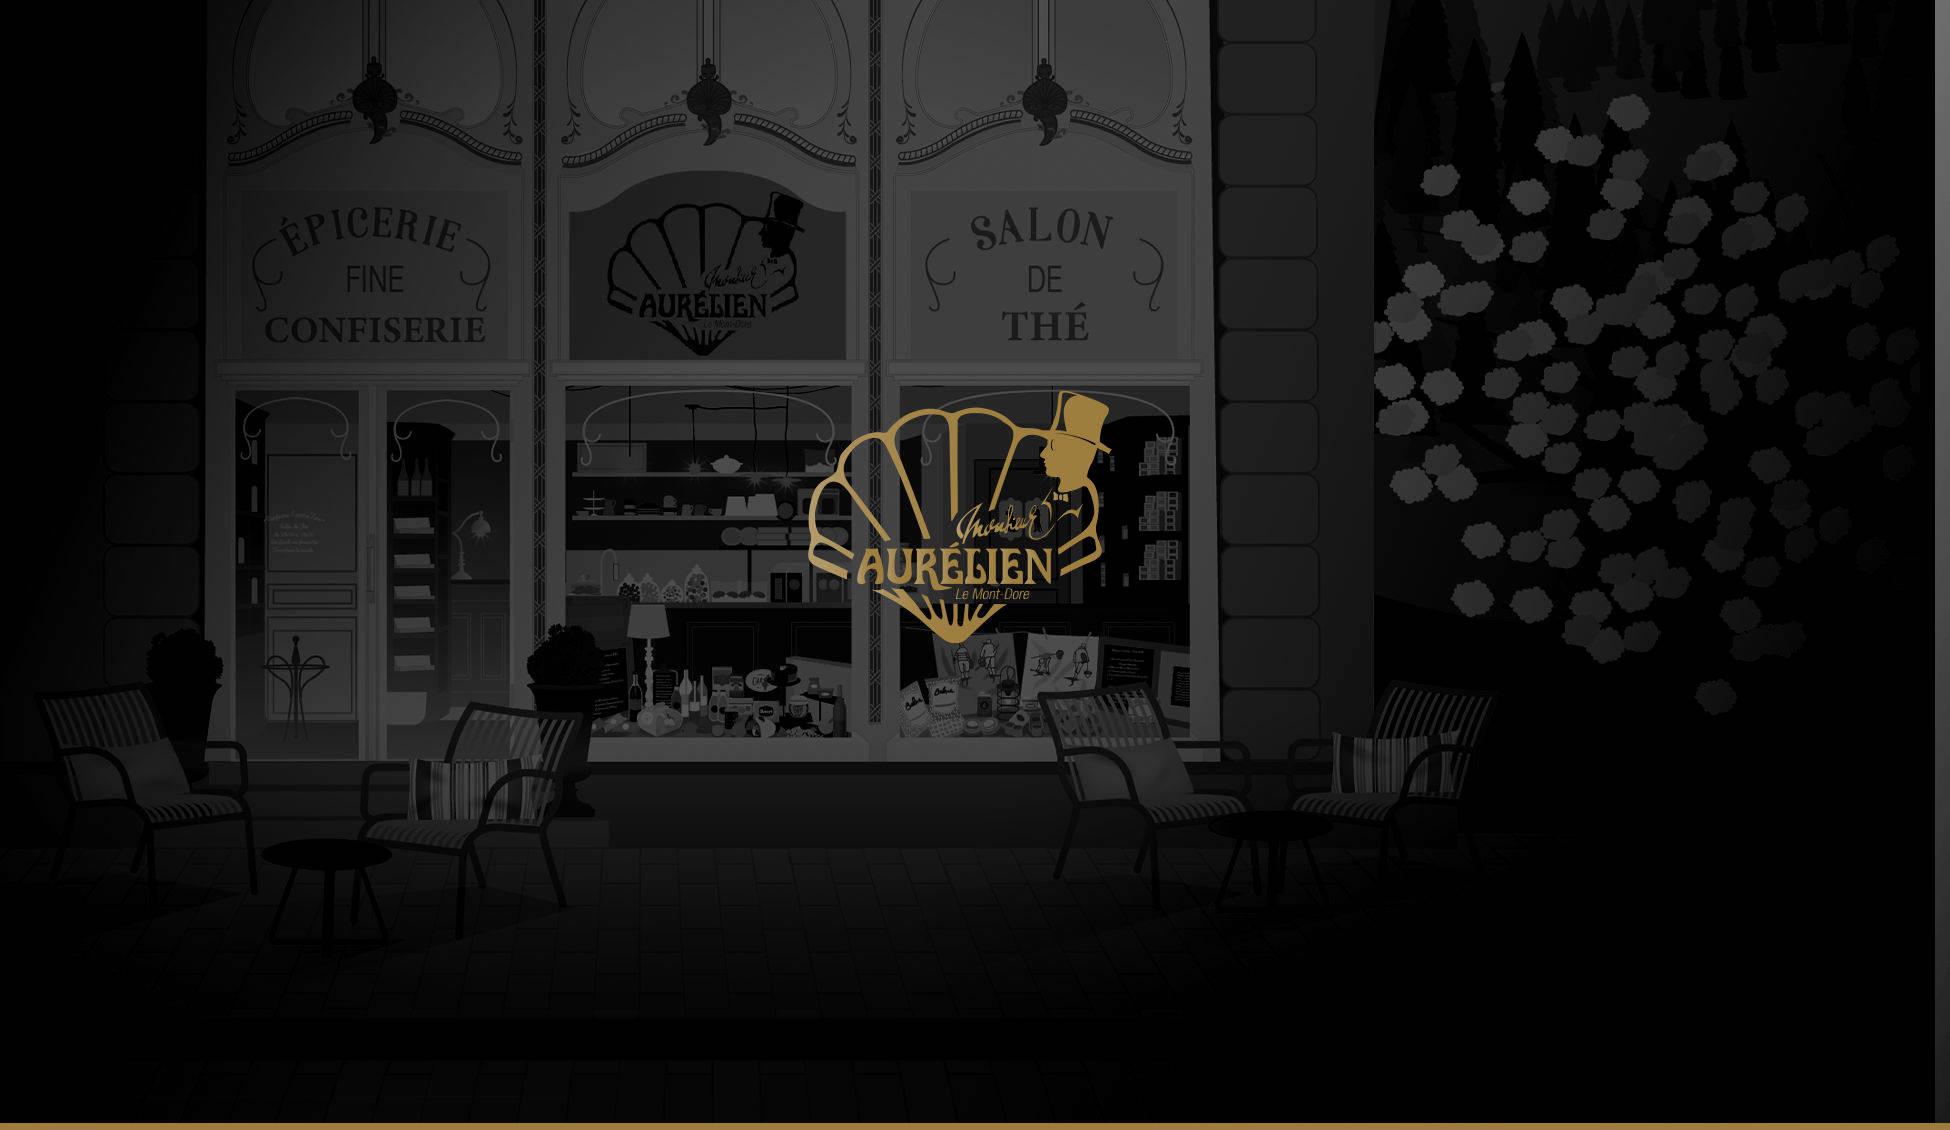 Confiserie - Salon de thé - Épicerie fine - Monsieur Aurélien